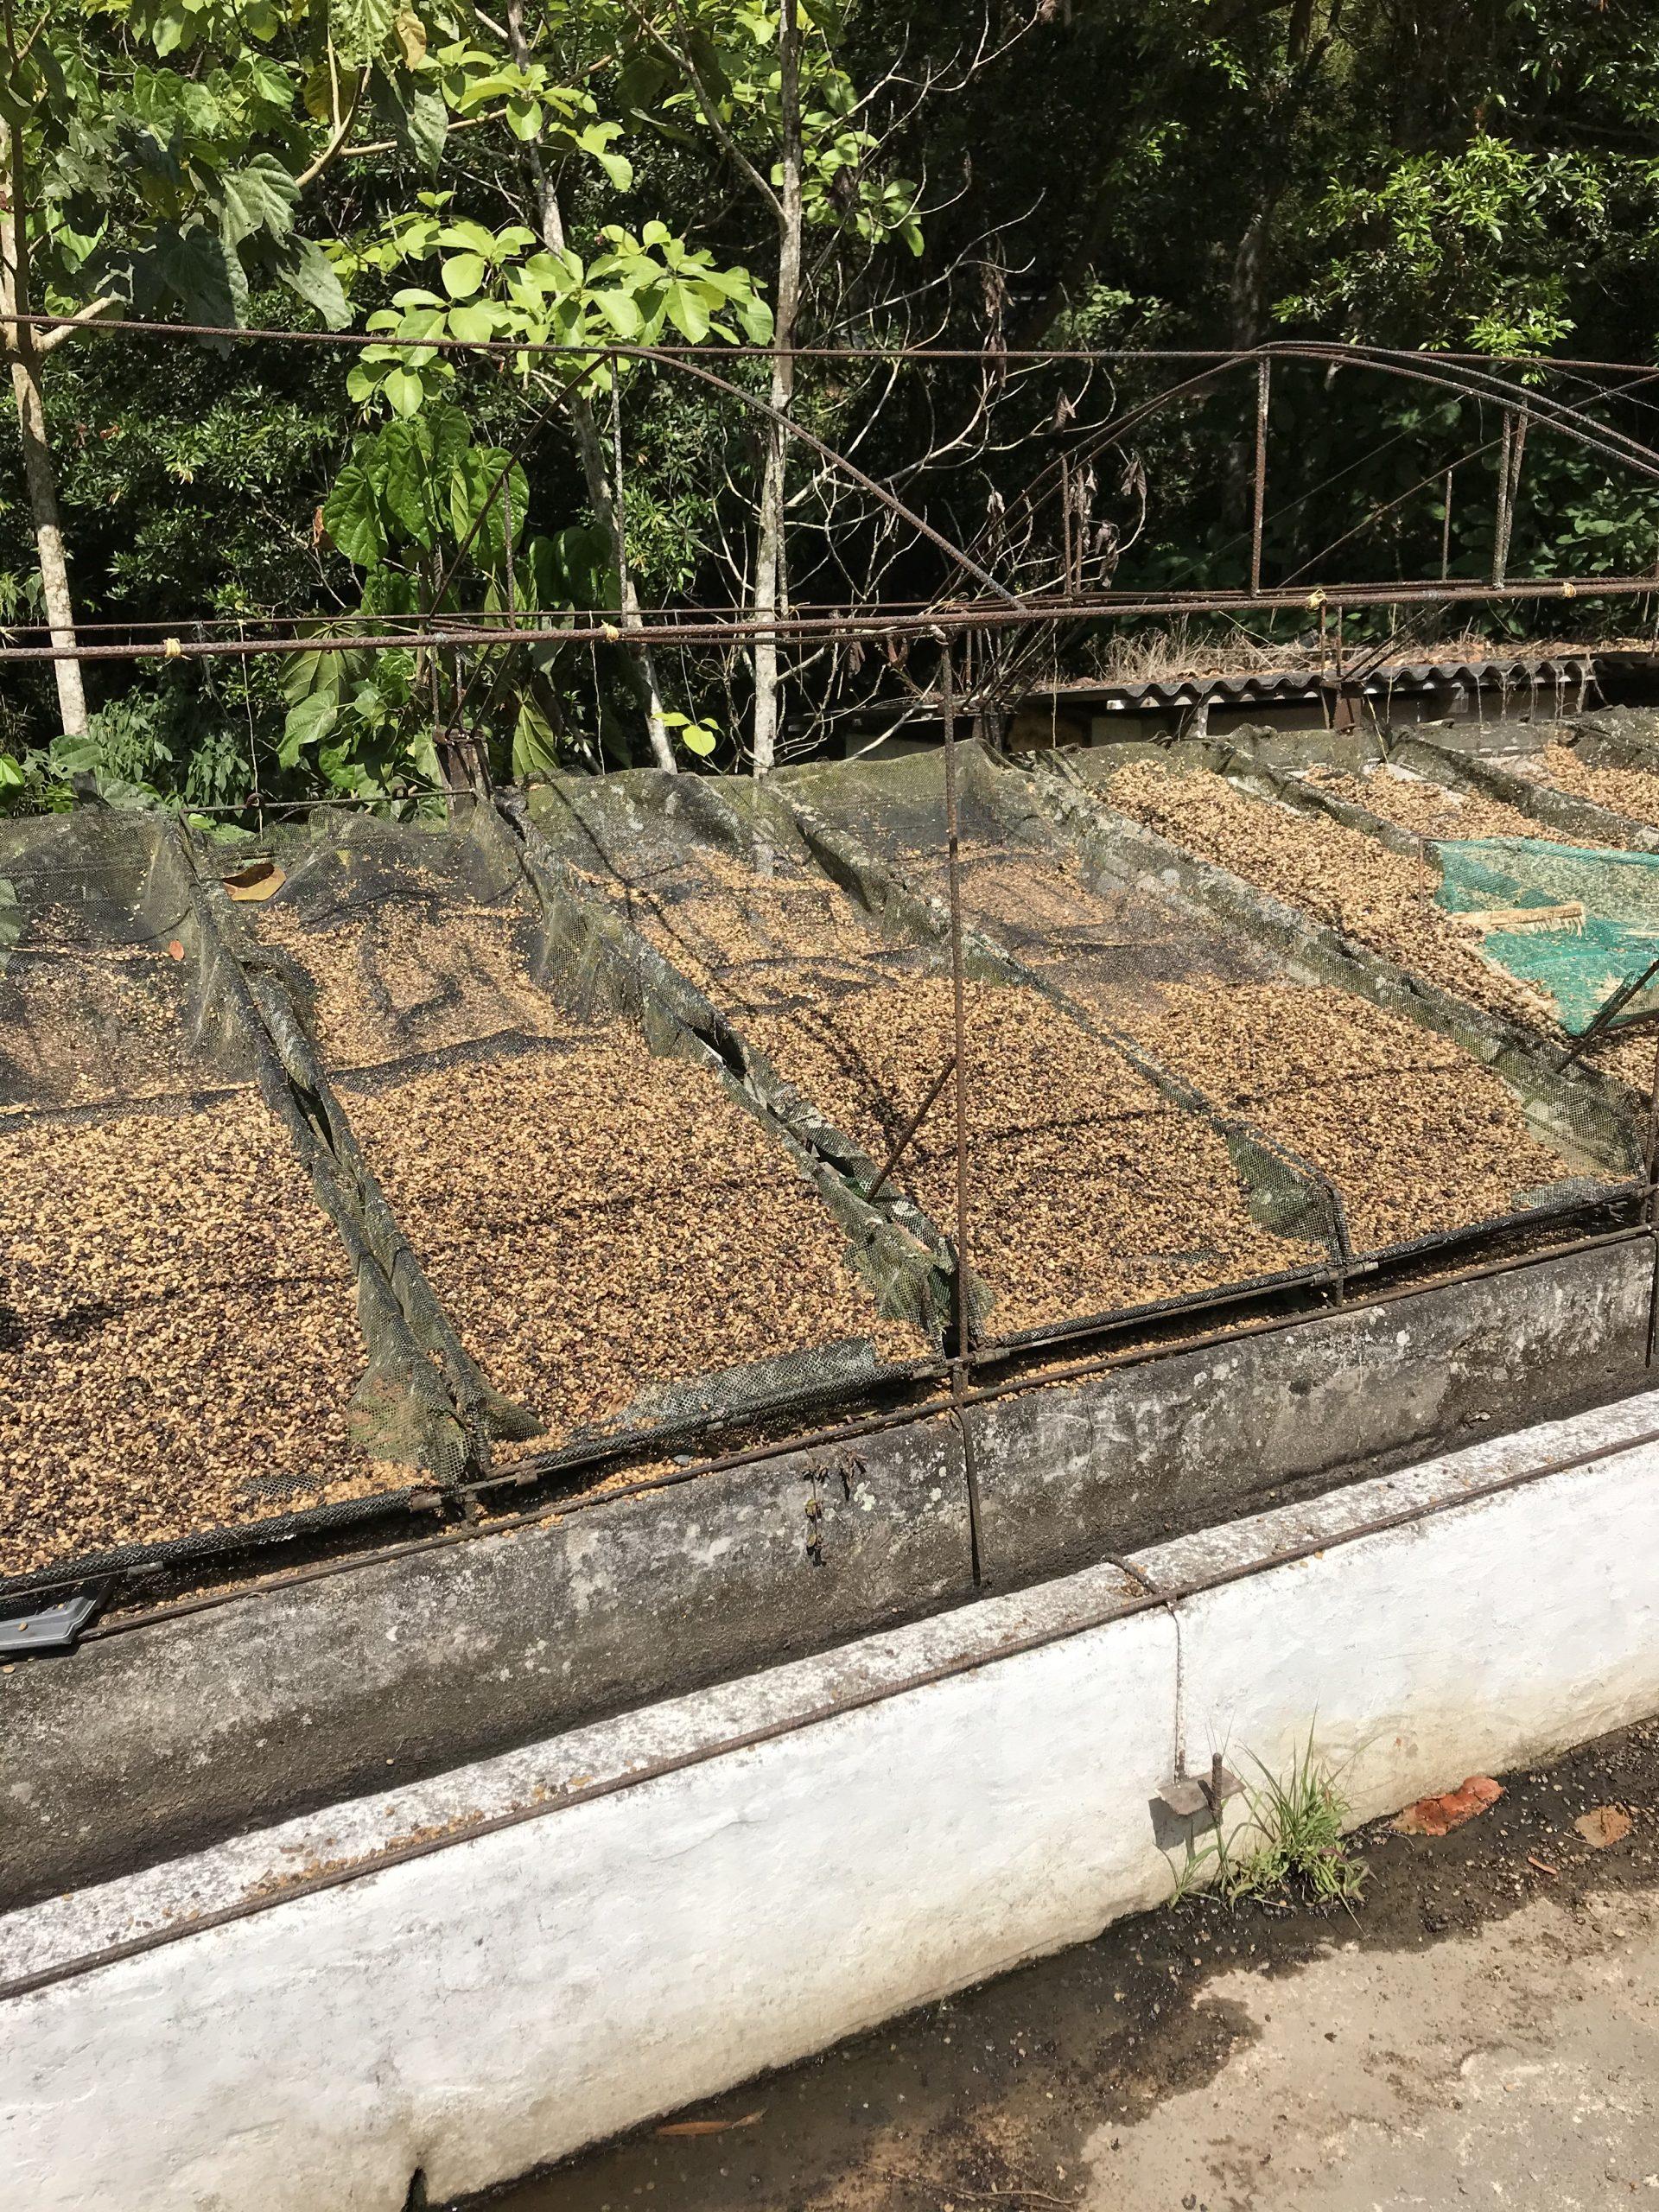 Drying Coffee